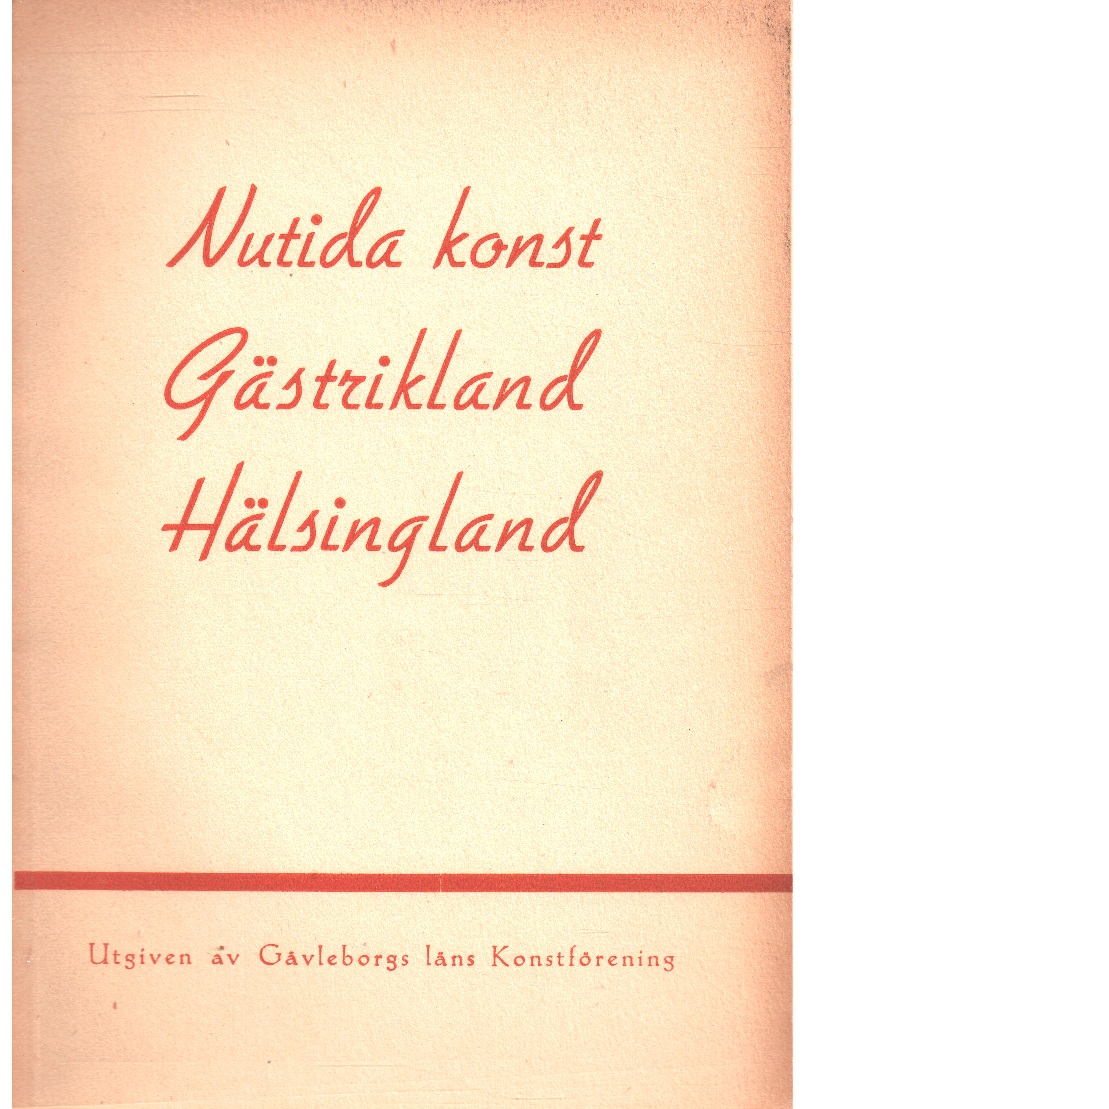 Nutida konst : Gästrikland, Hälsingland - Humbla, Philibert